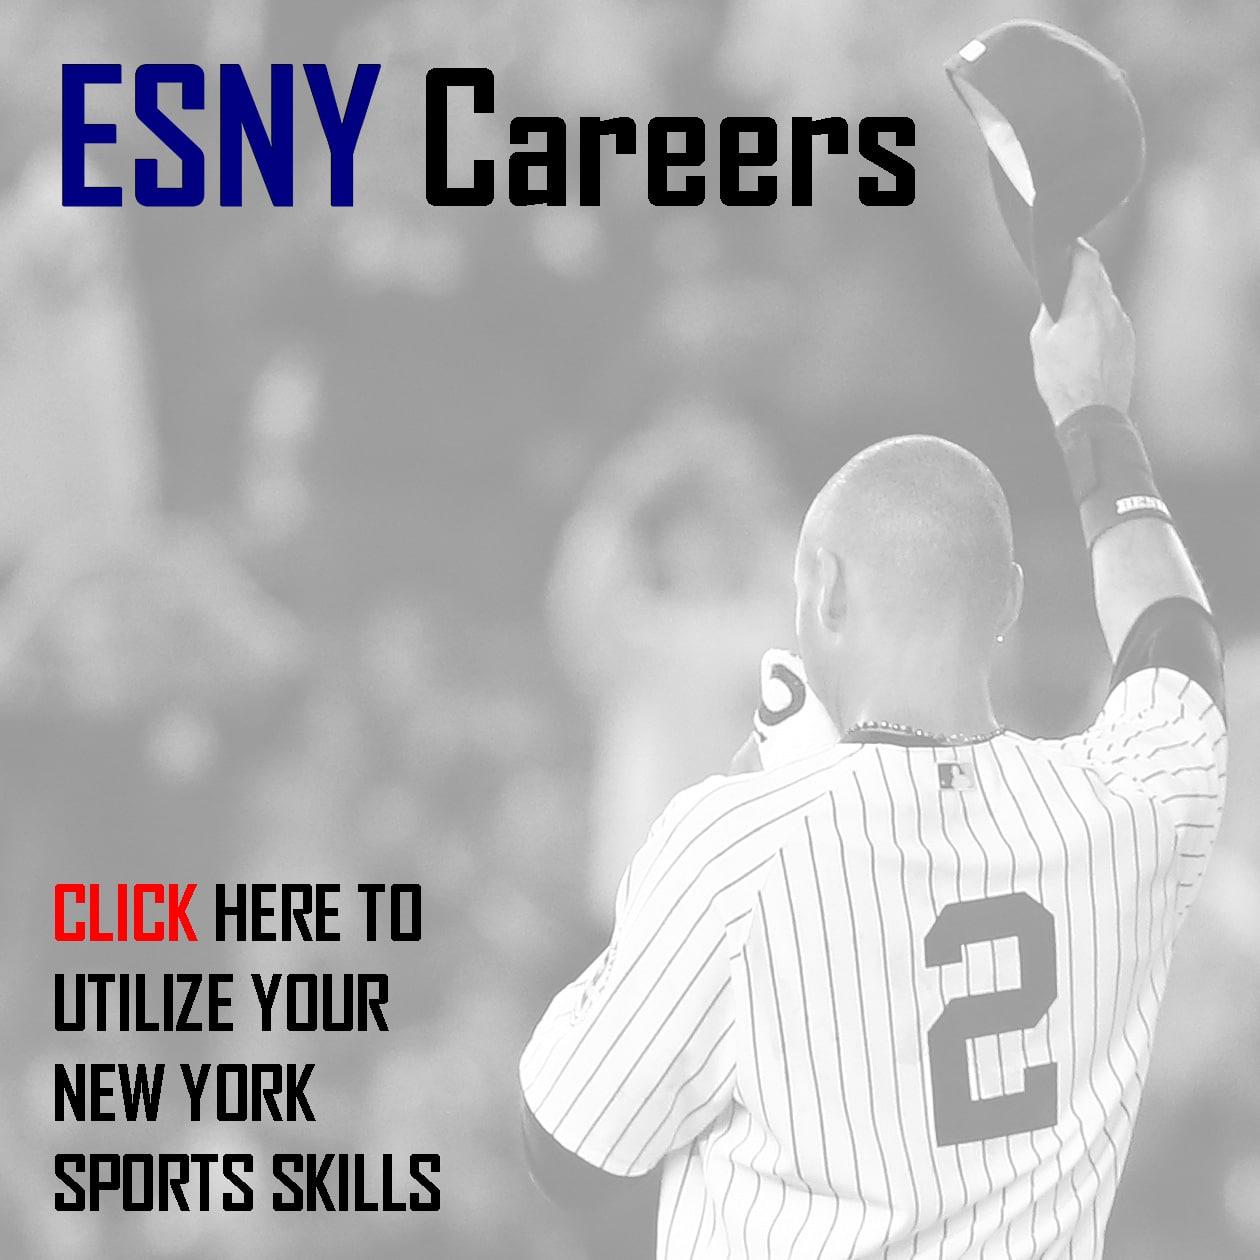 ESNY Careers